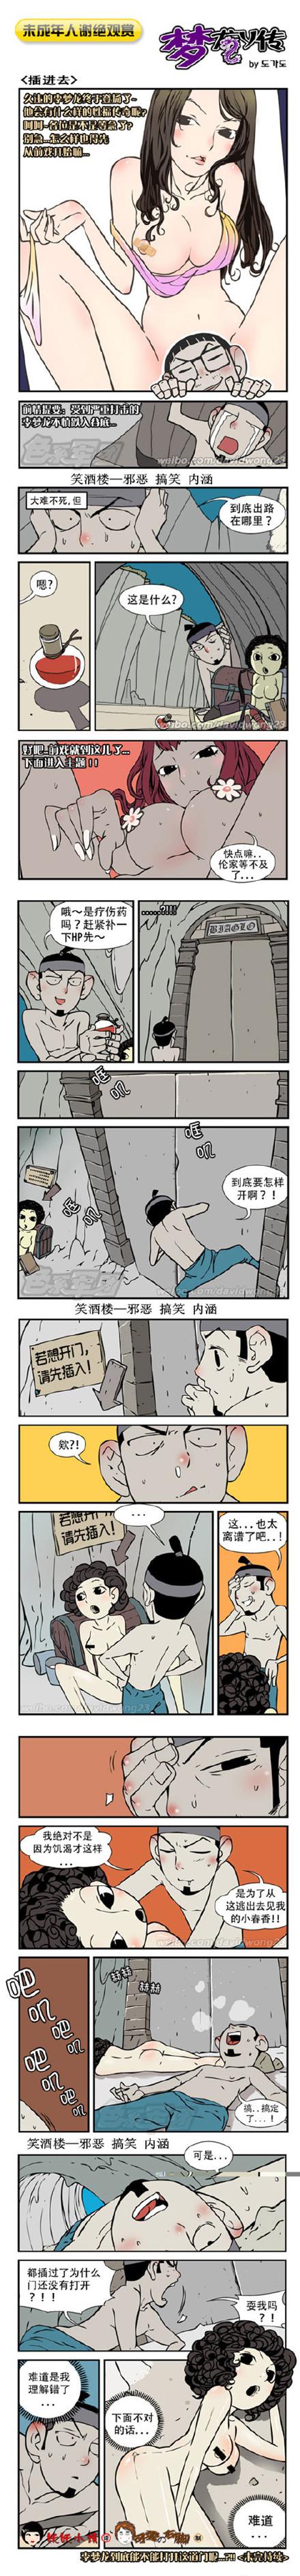 色系军团梦龙Y传_梦龙y传漫画全集_梦龙y传在线看 动漫漫画